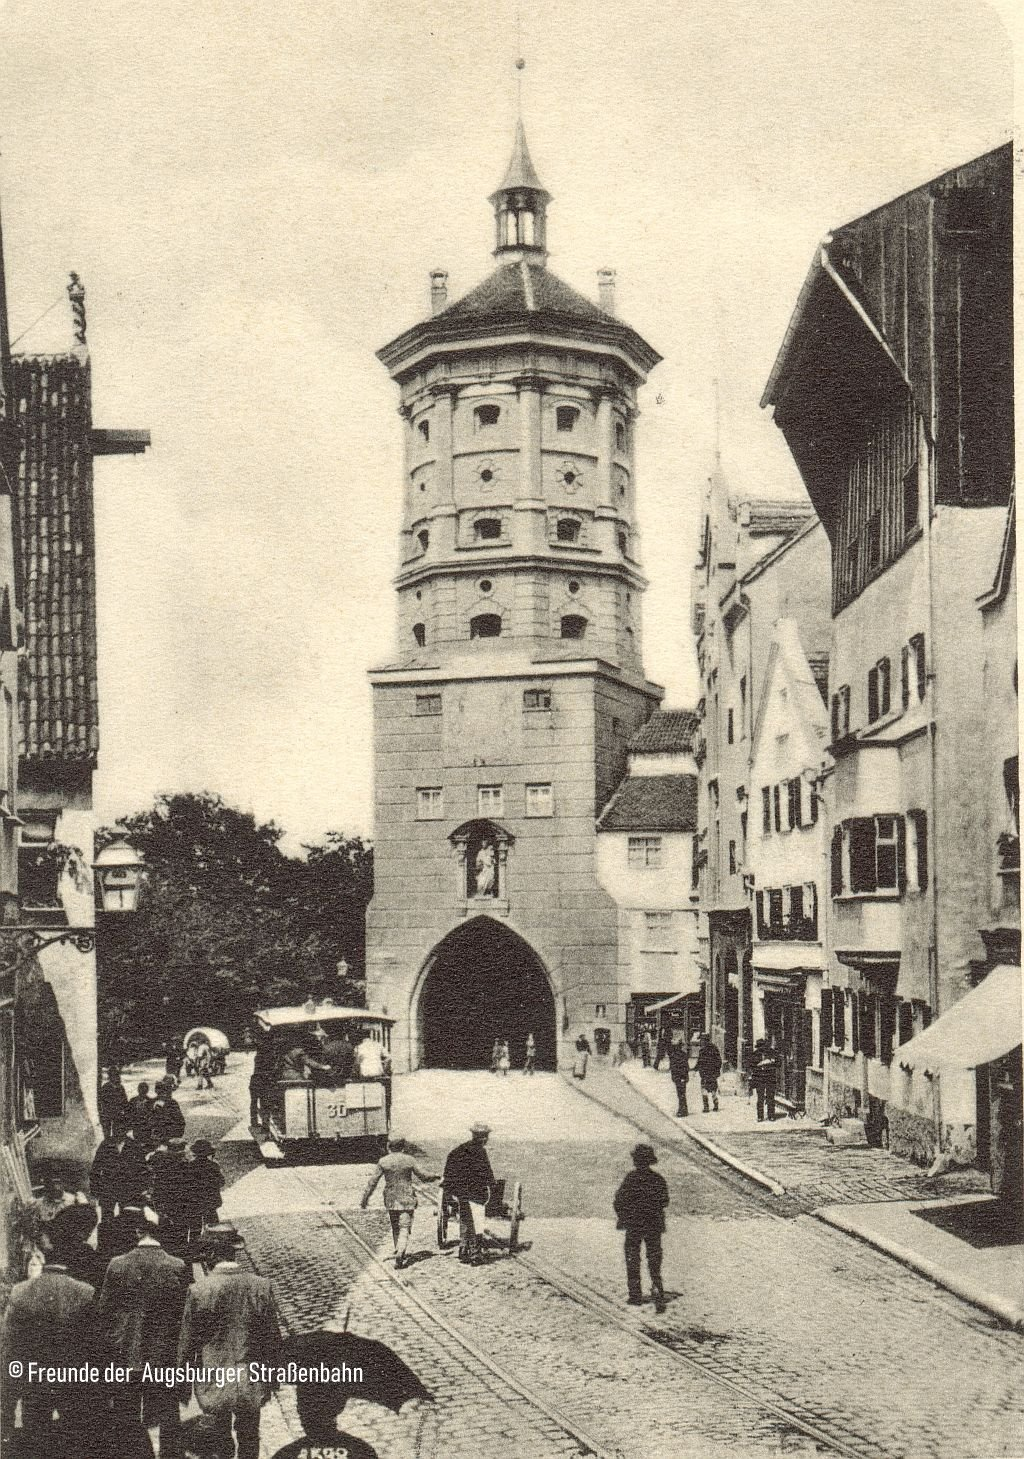 Pferdebahnwagen 30 Baujahr 1881 am Wertachbrucker Tor um 1885